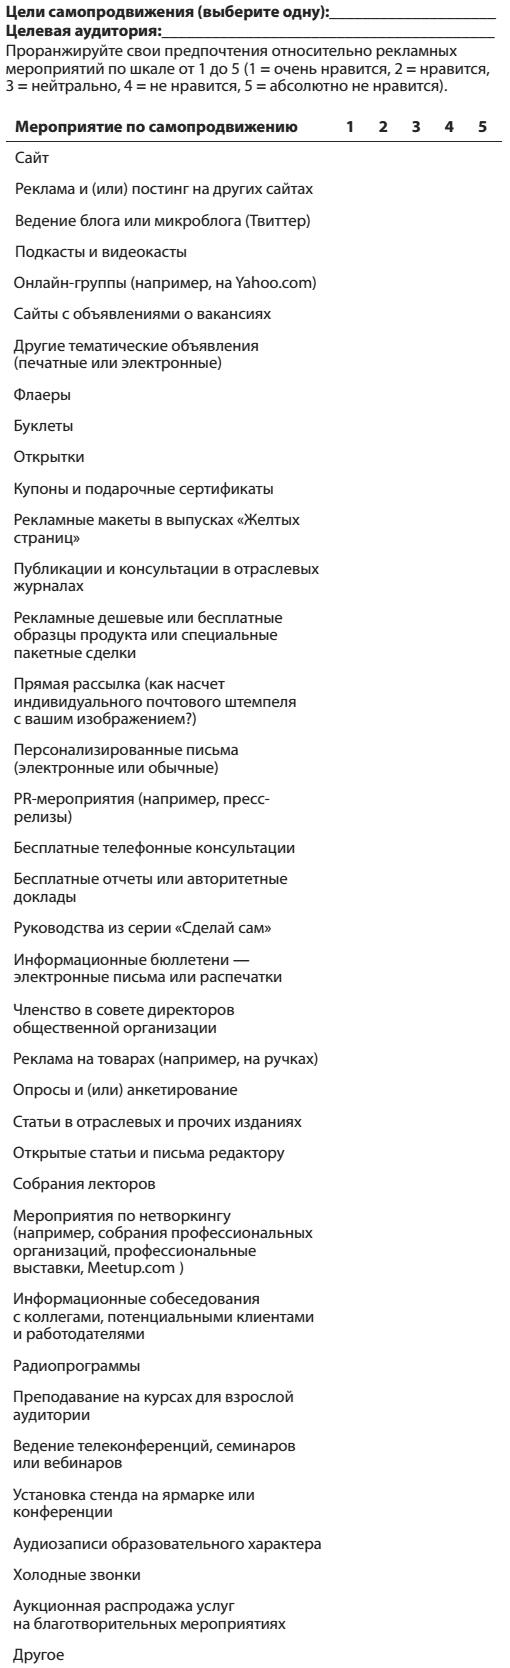 Ответы на тест по маркетингу с сайта nica где могут быть показаны объявления яндекс.директ